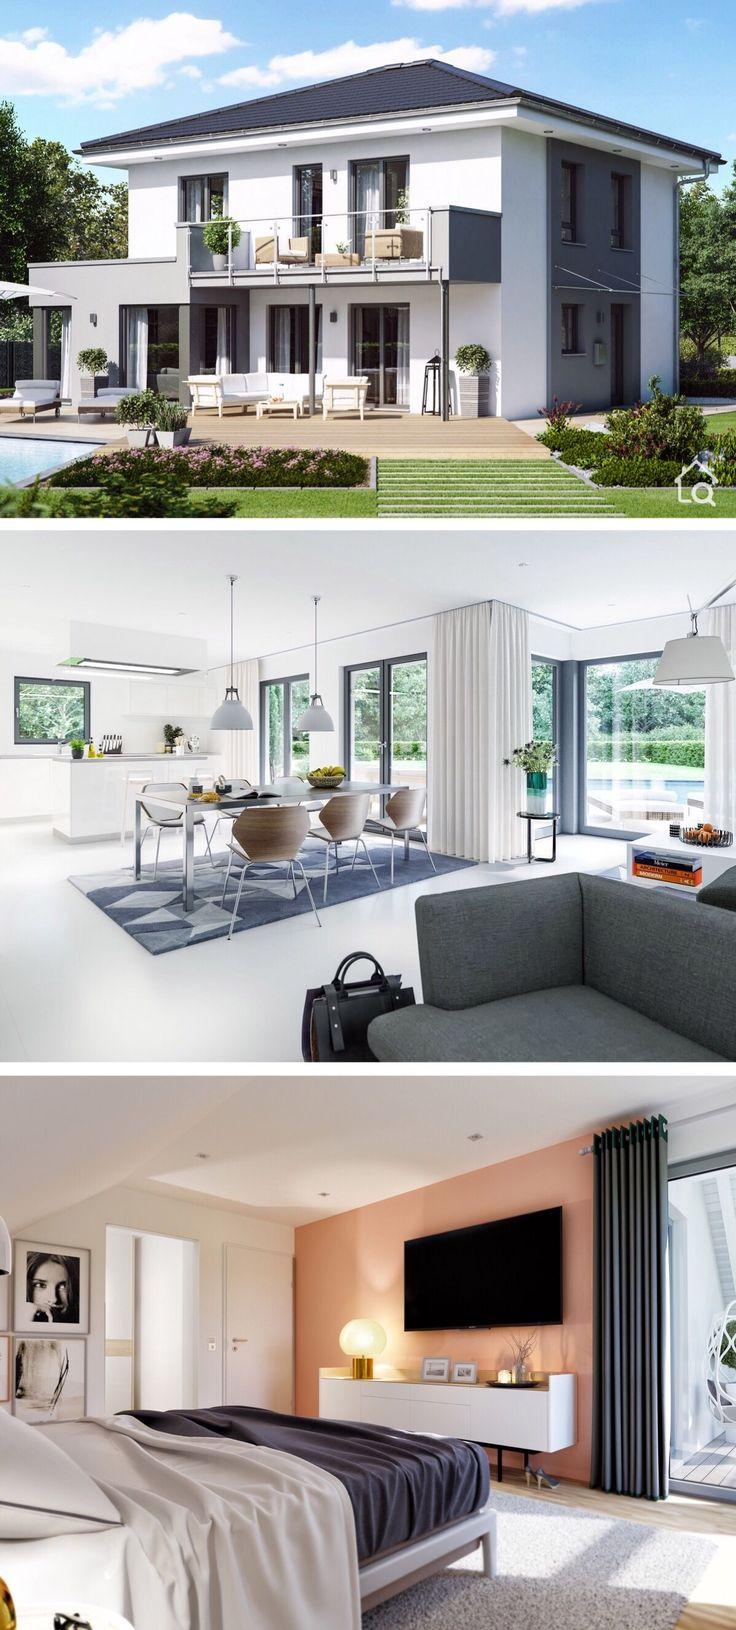 Einfamilienhaus Stadtvilla mit Walmdach & Inneneinrichtung modern, 5 Zimmer Grundriss, 145 qm – Haus bauen Ideen innen & außen Fertighaus SUNSHINE 14…